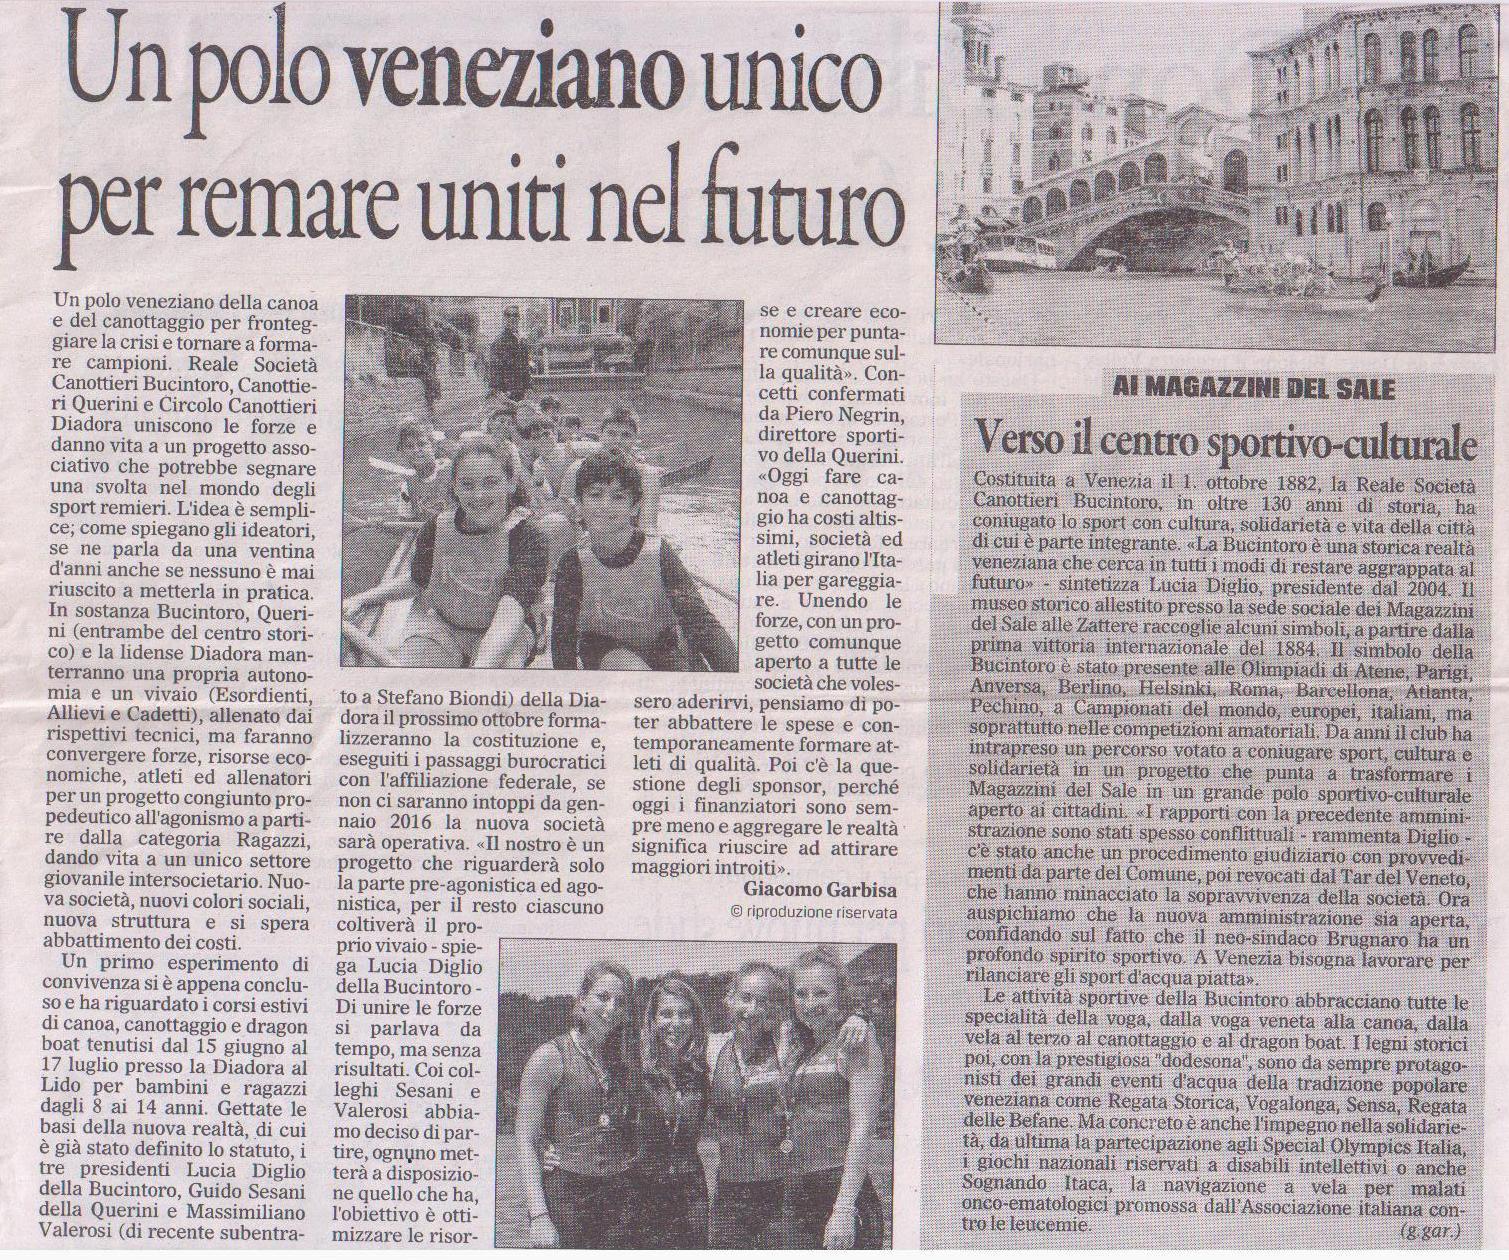 Polo veneziano per remare uniti